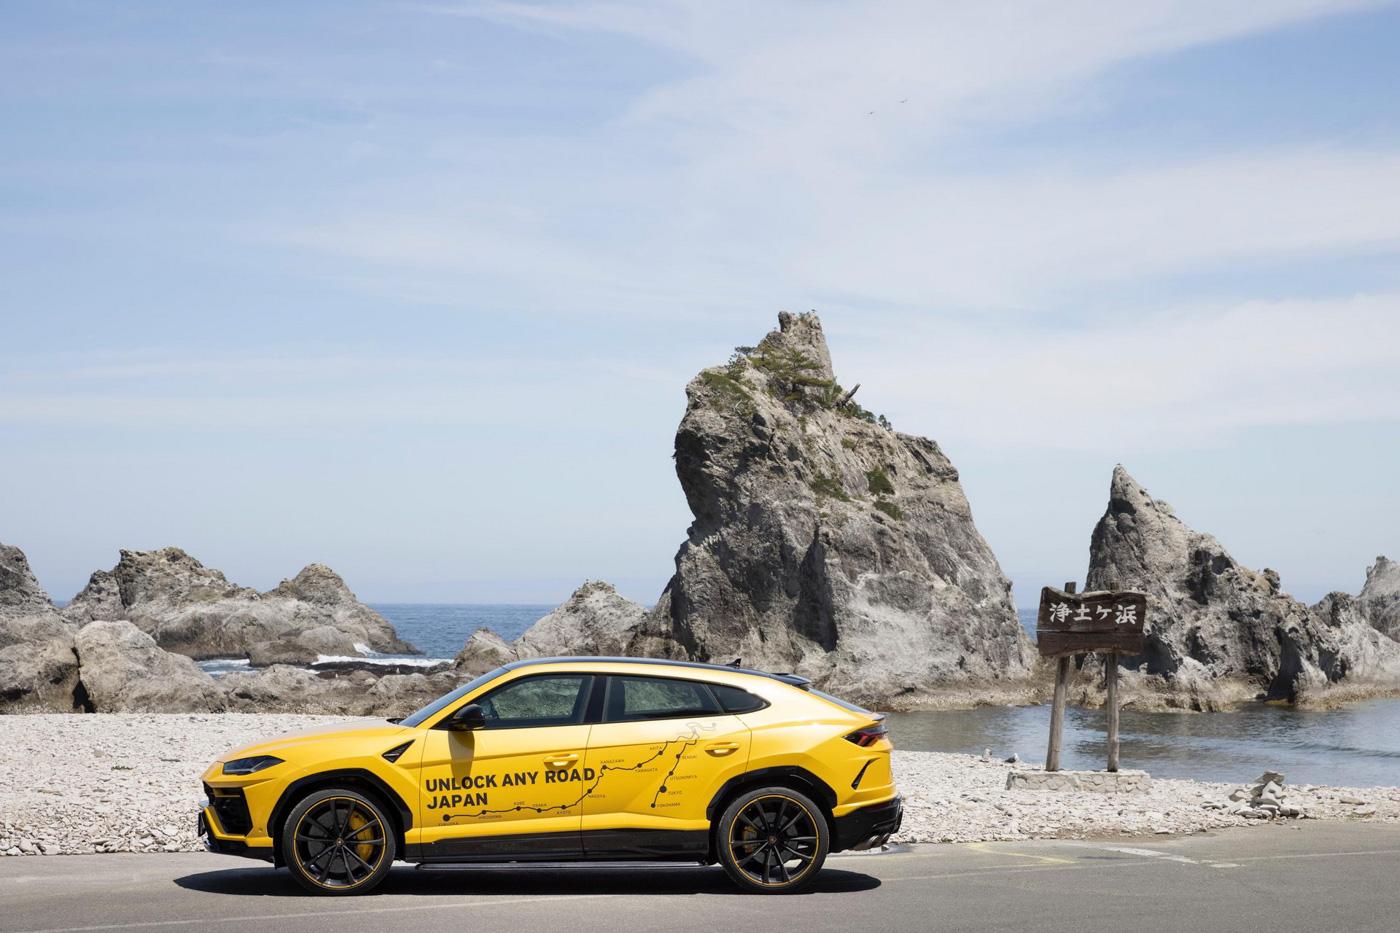 Bộ-đôi-Lamborghini-Urus-vượt-hơn-6.500-km-trong-hành-trình-xuyên-Nhật-Bản (25).jpg